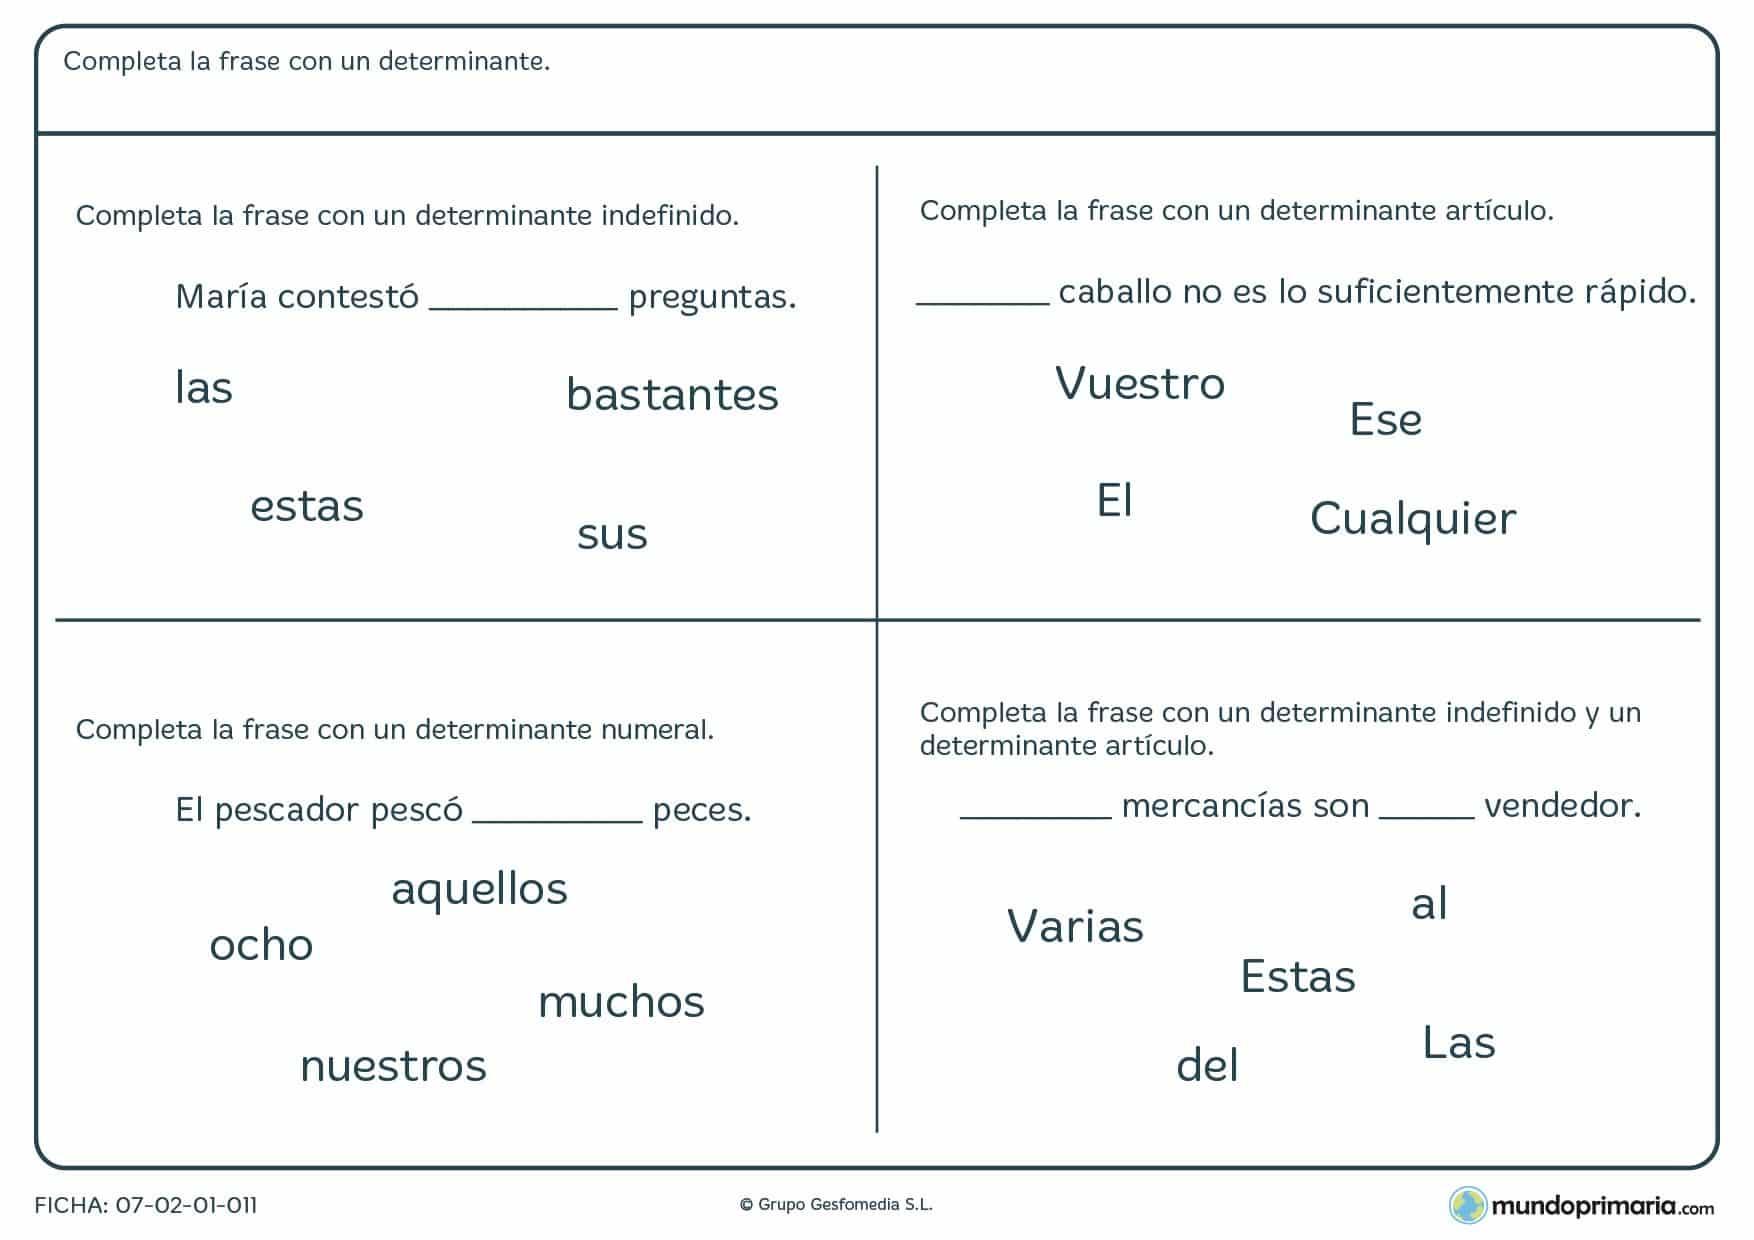 Ficha de completar las frases con un determinante para 5º de Primaria